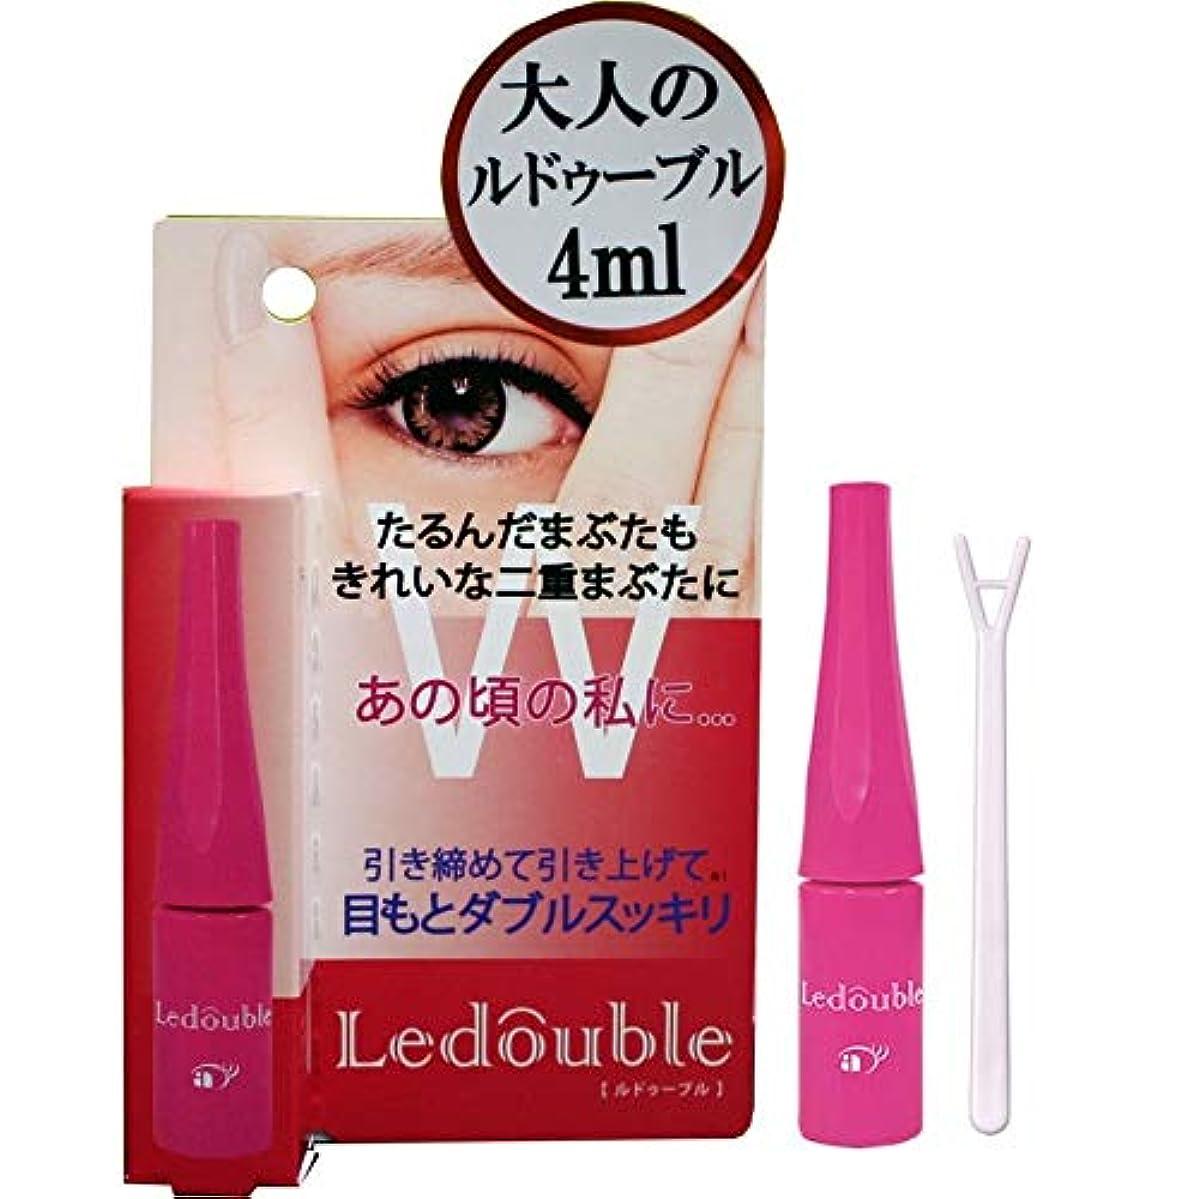 泥沼偽装する生む大人のLedouble [大人のルドゥーブル] 二重まぶた化粧品 (4mL)